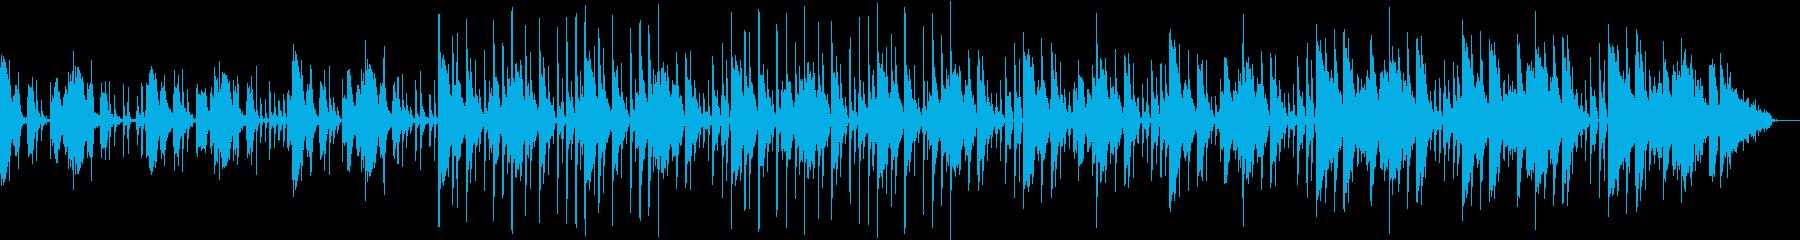 クイズ番組の考え中・・・のような音の再生済みの波形